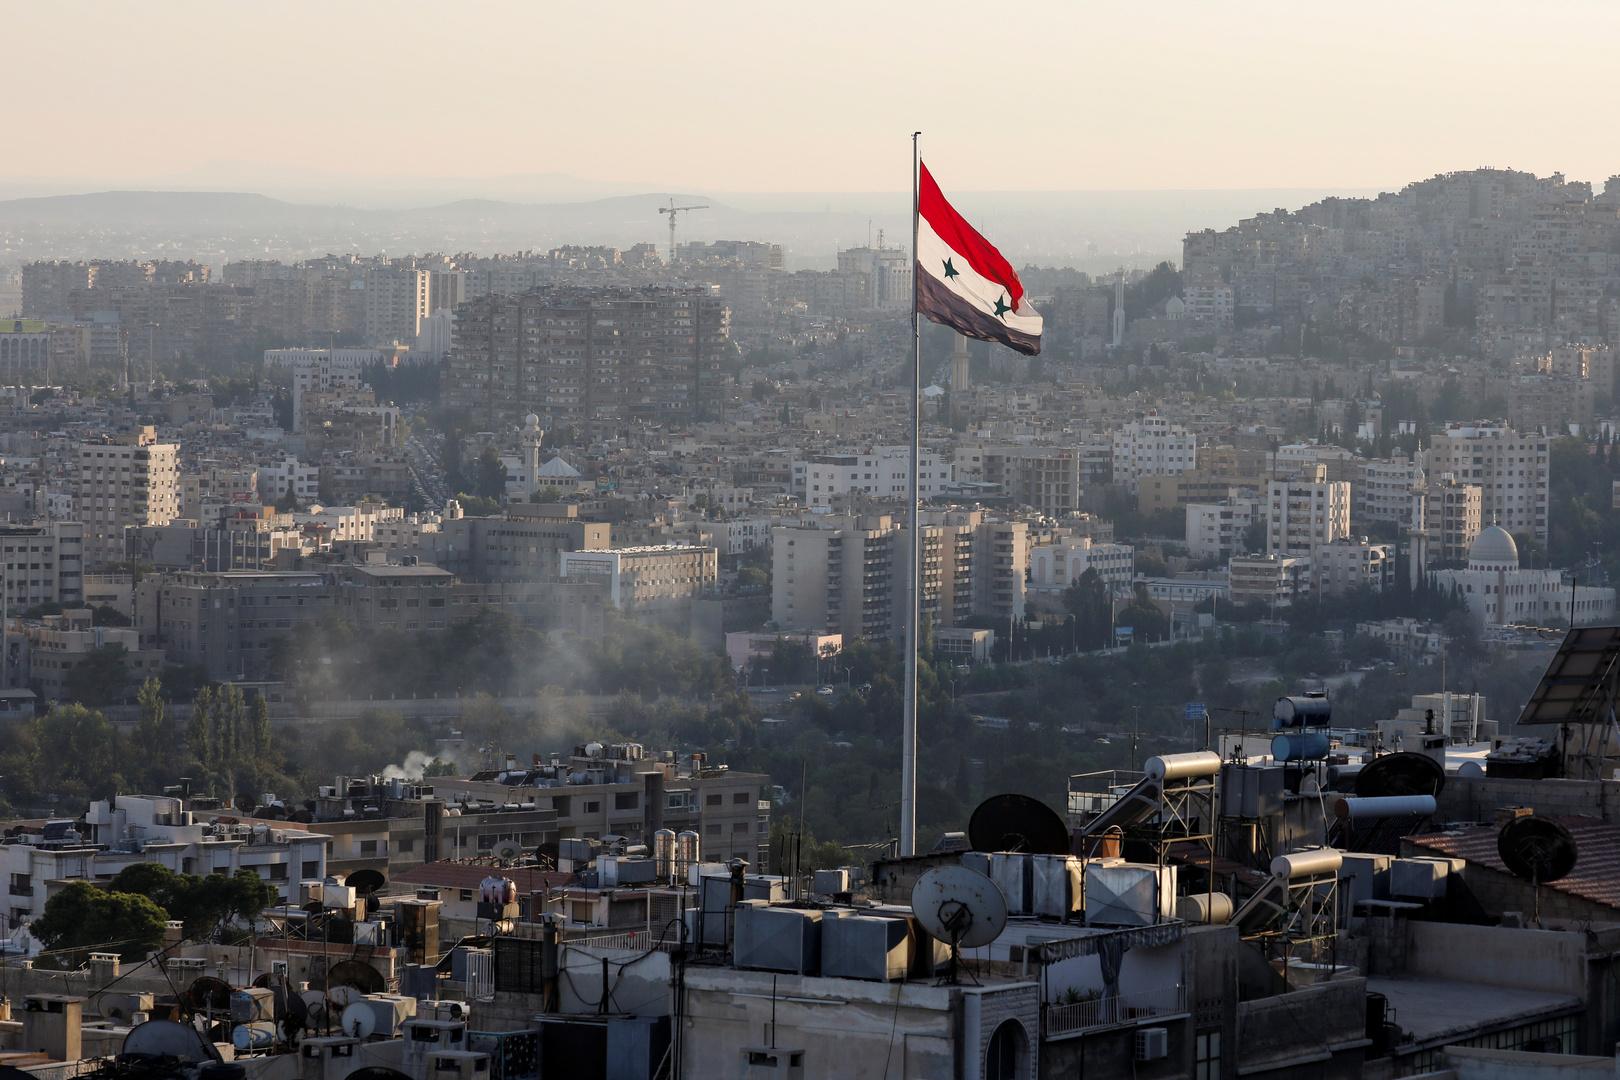 دمشق: نرفض الخطط المشبوهة التي يروج لها أردوغان لـ